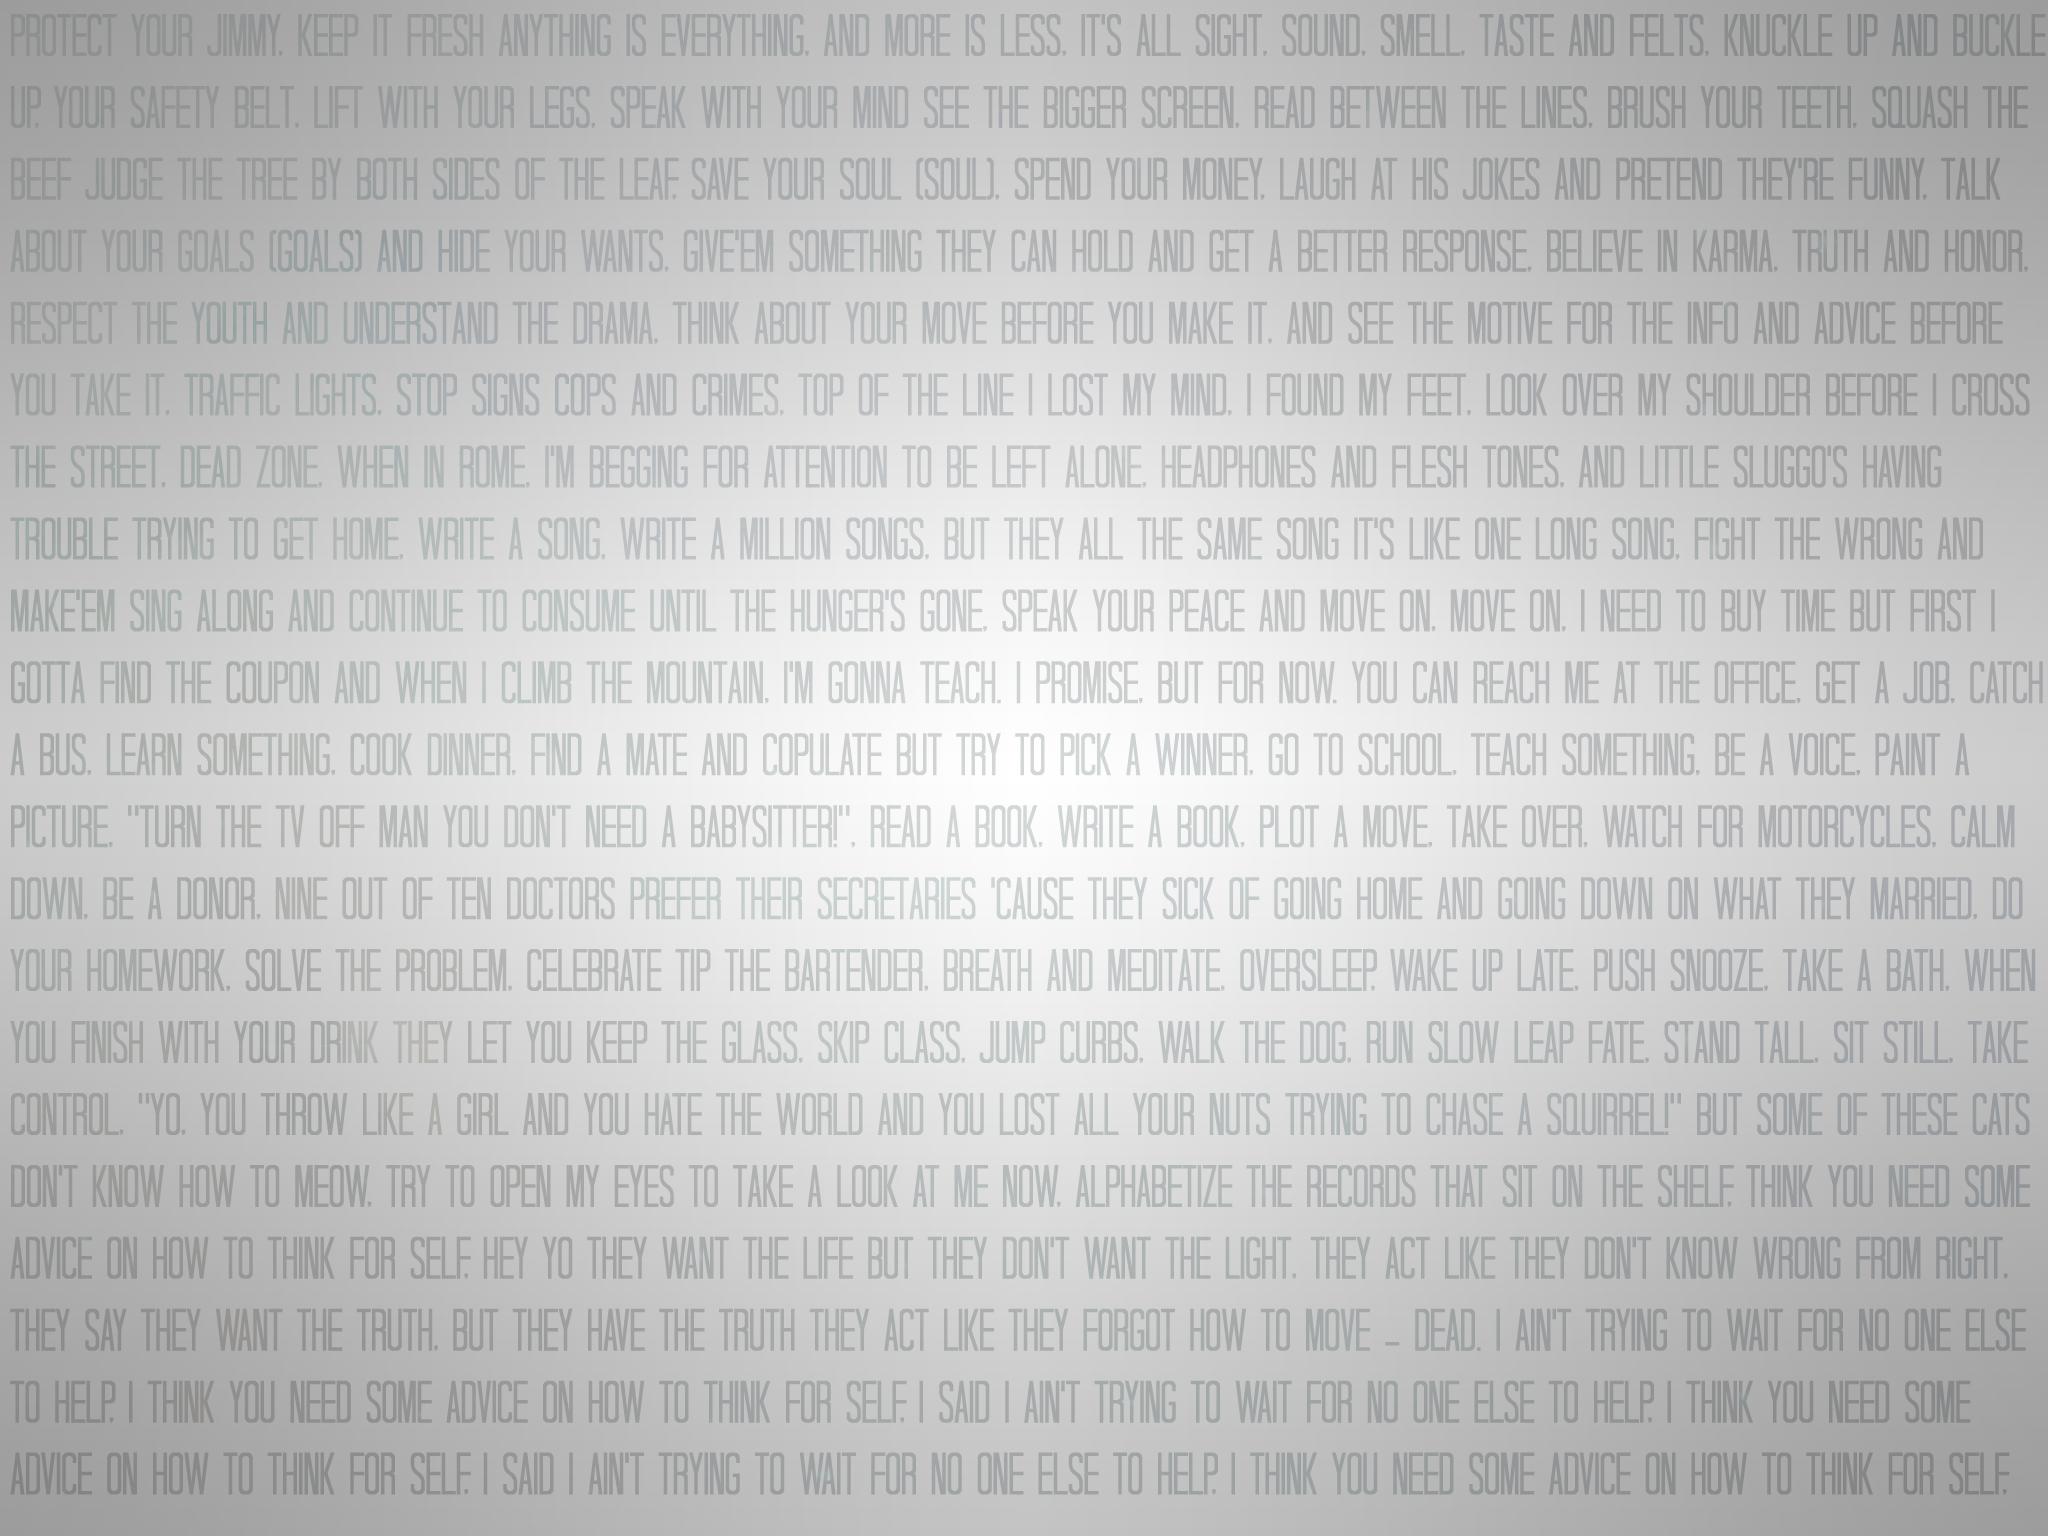 deviantart wallpaper 2048 x 1536 - photo #13